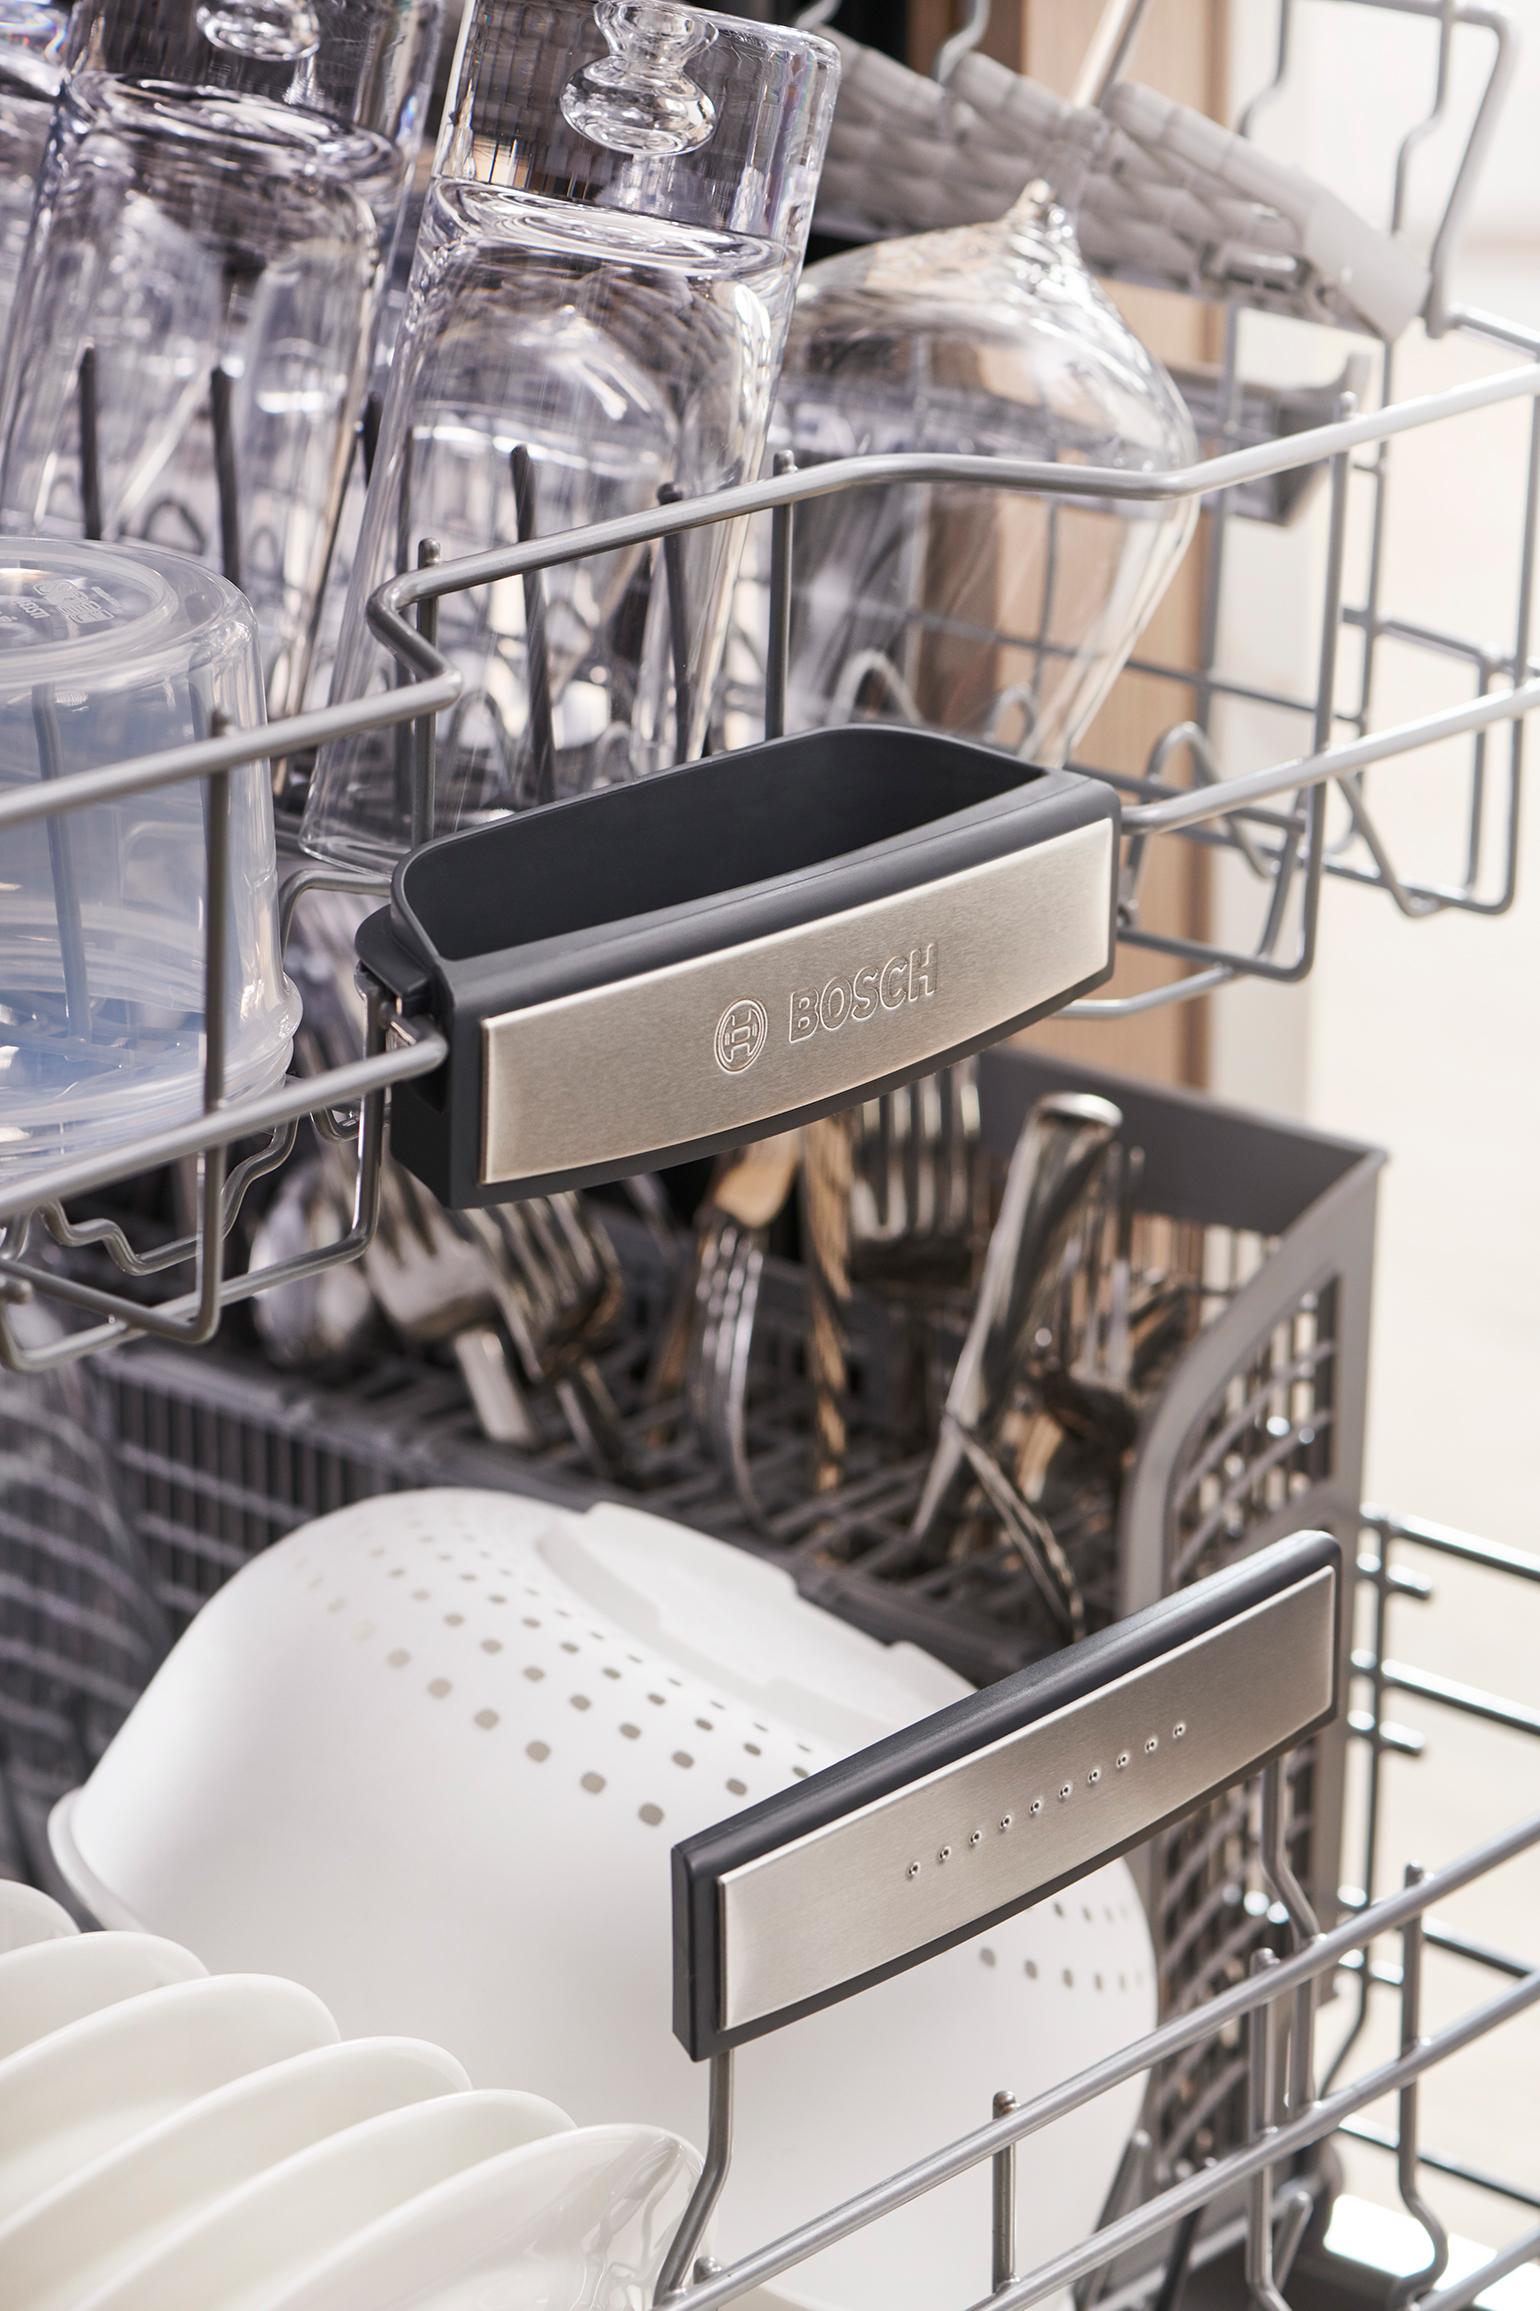 Bosch 800 Dishwasher. #ad #bestbuy  #boschdishwasher, #boschcrystaldry, #boschkitchen, #mynewboschdishwasher